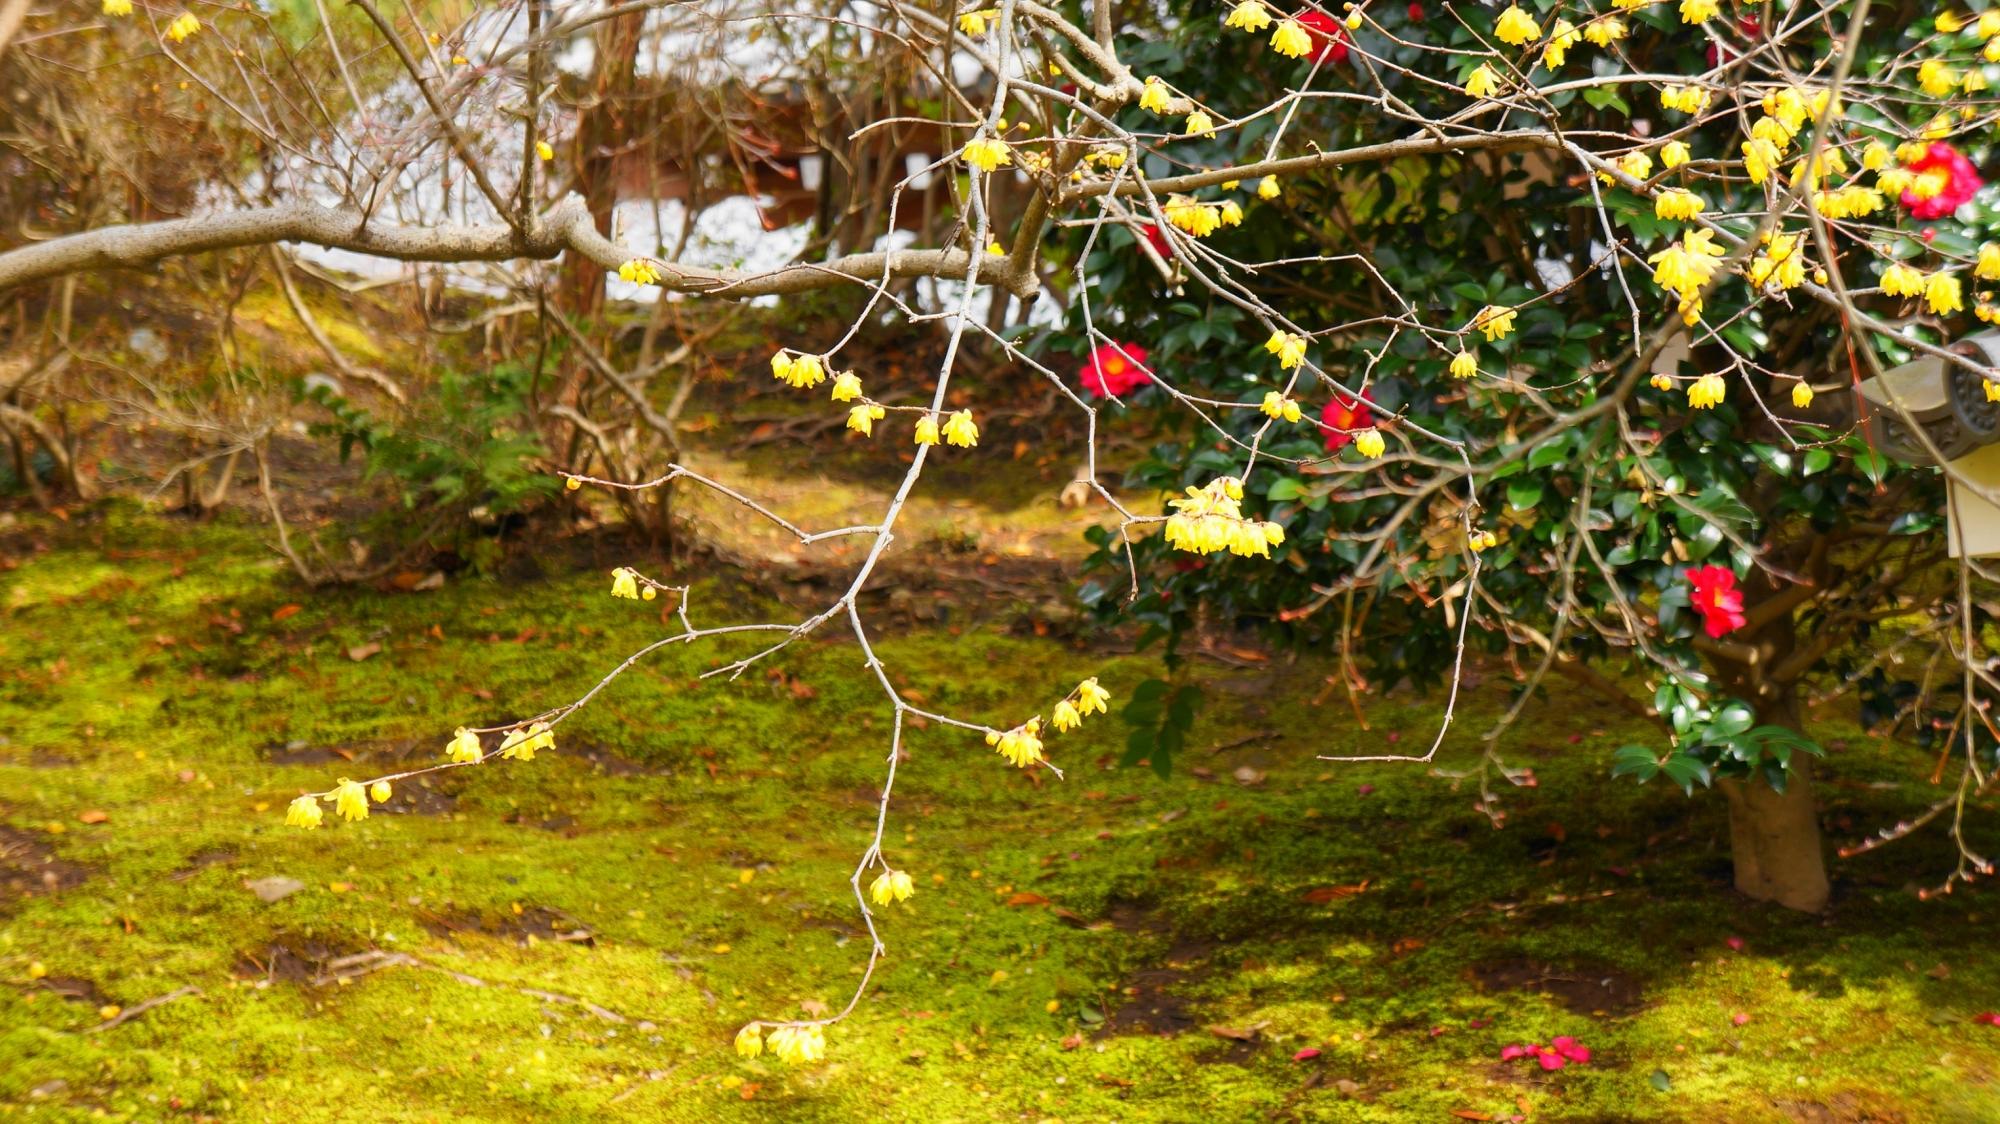 彩りの薄れる冬を華やぐ天龍寺の蝋梅と椿